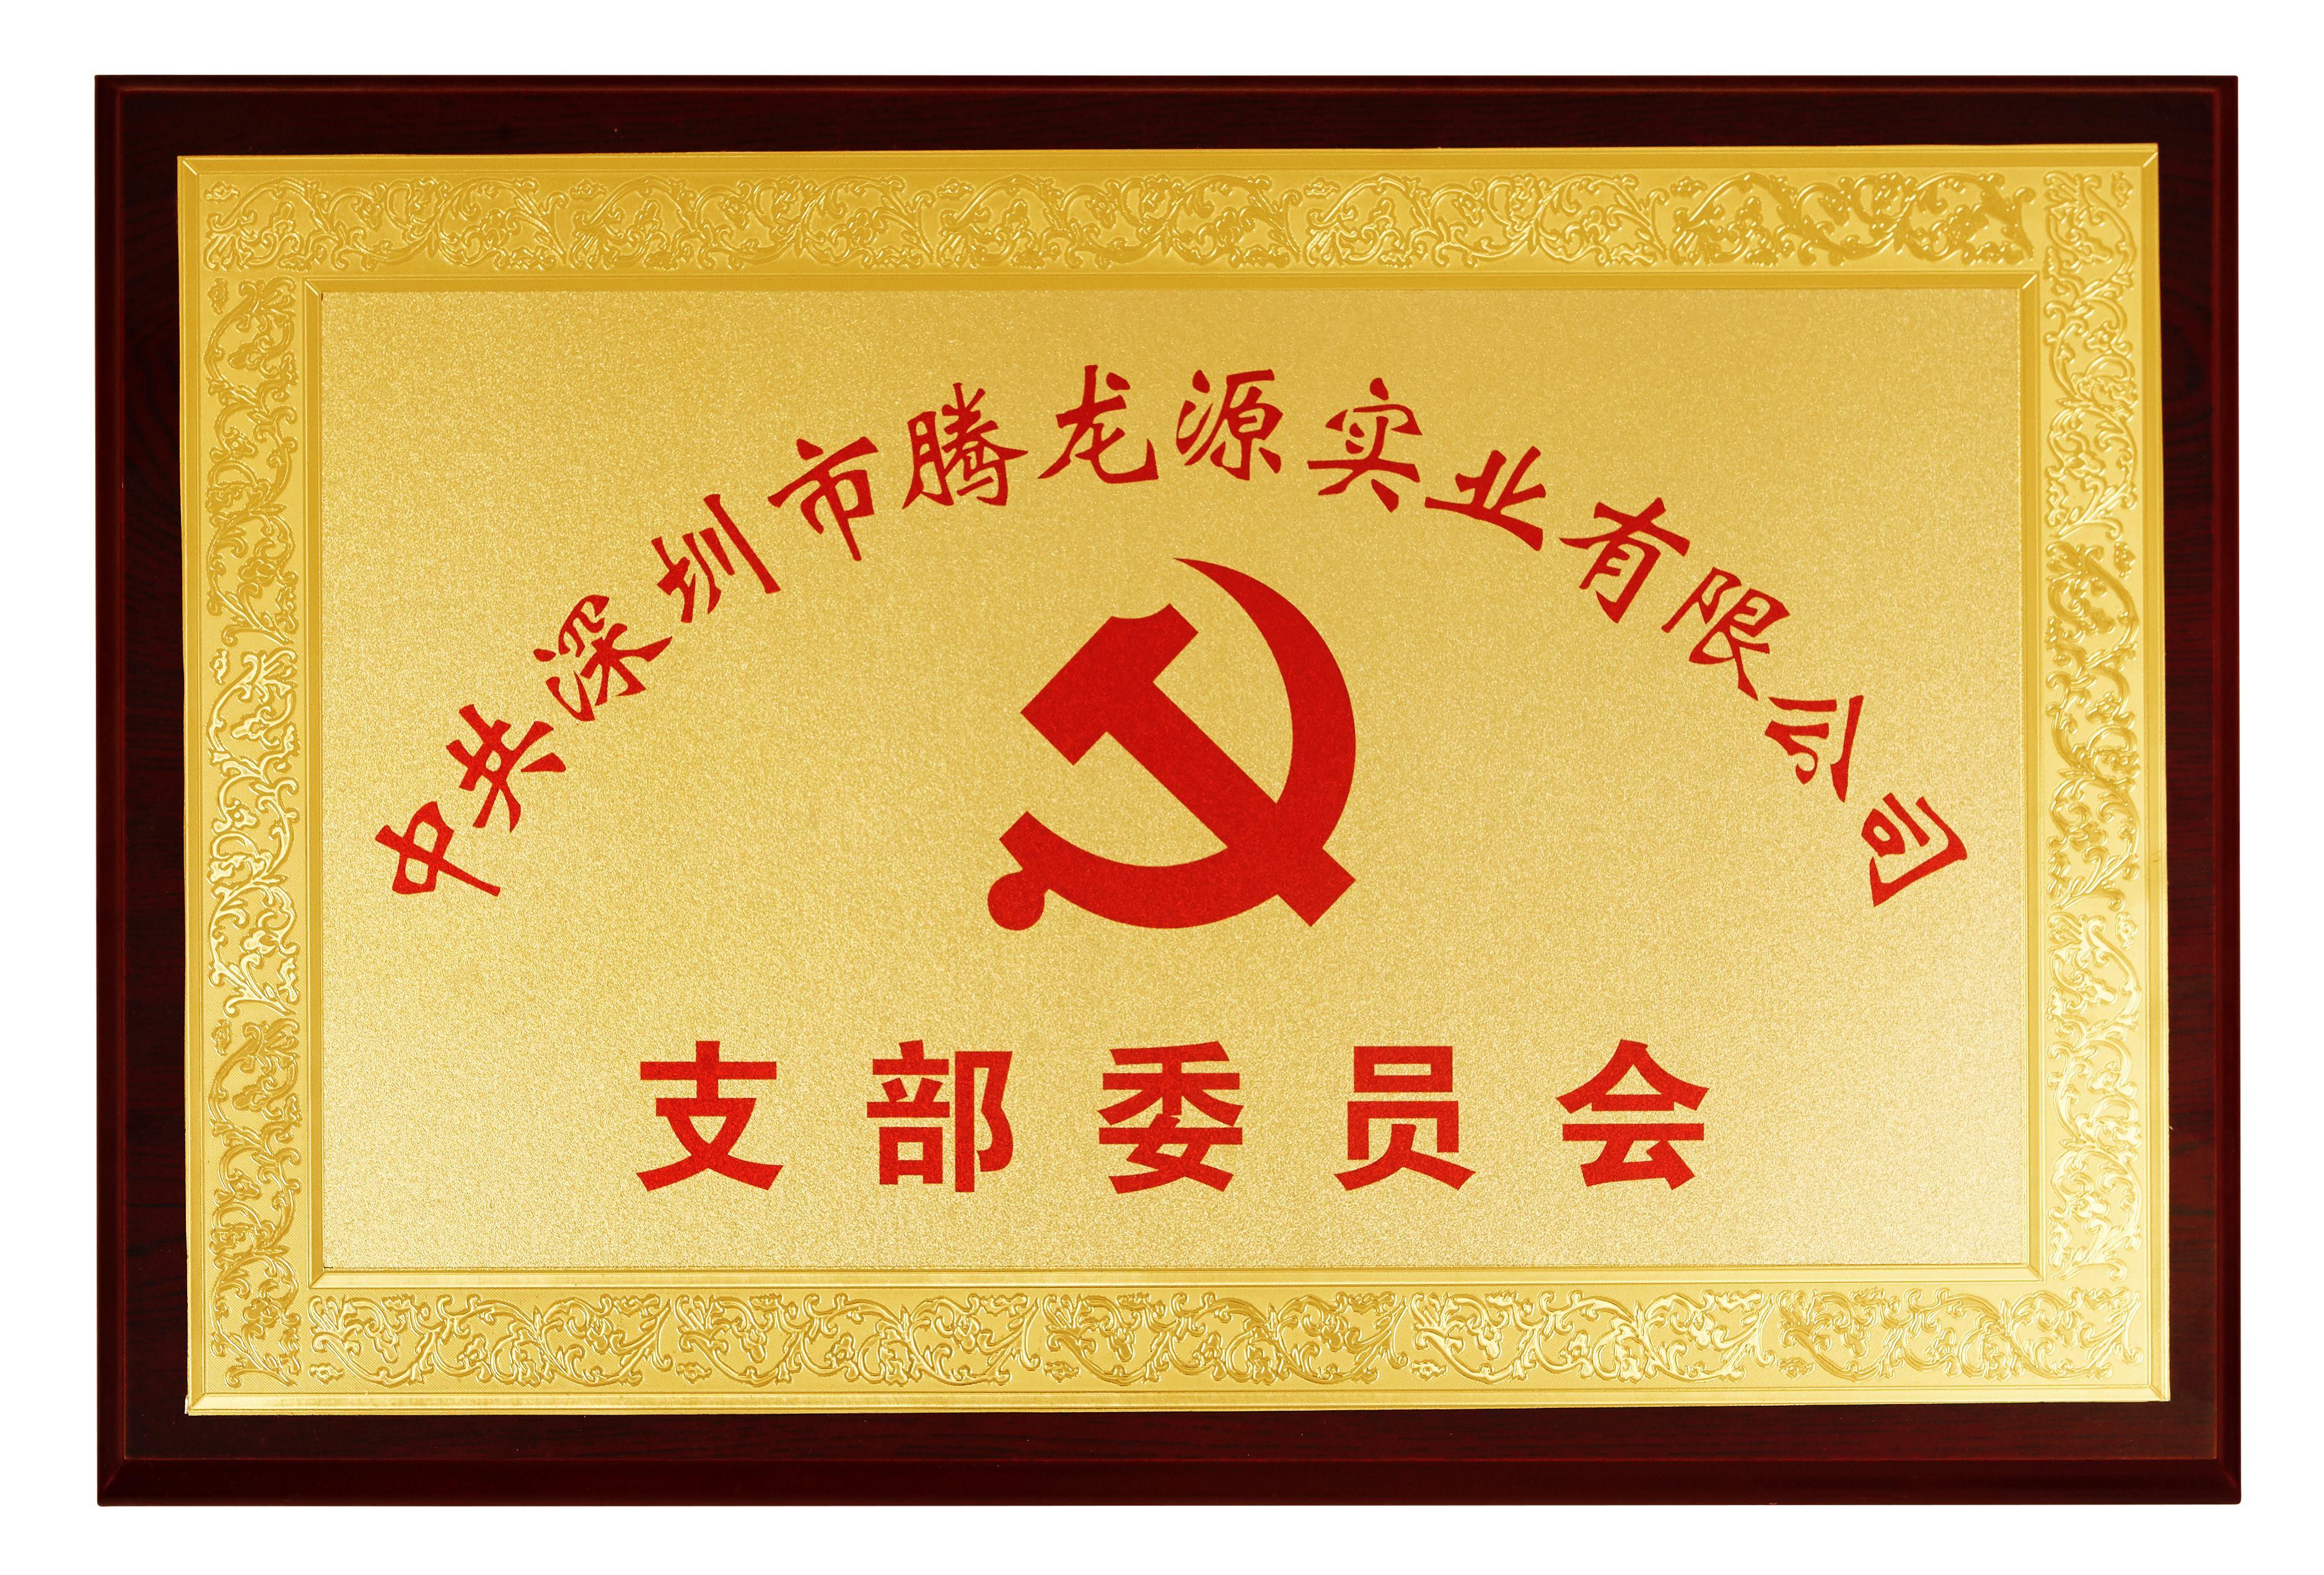 88必发客户端_党支部委员会